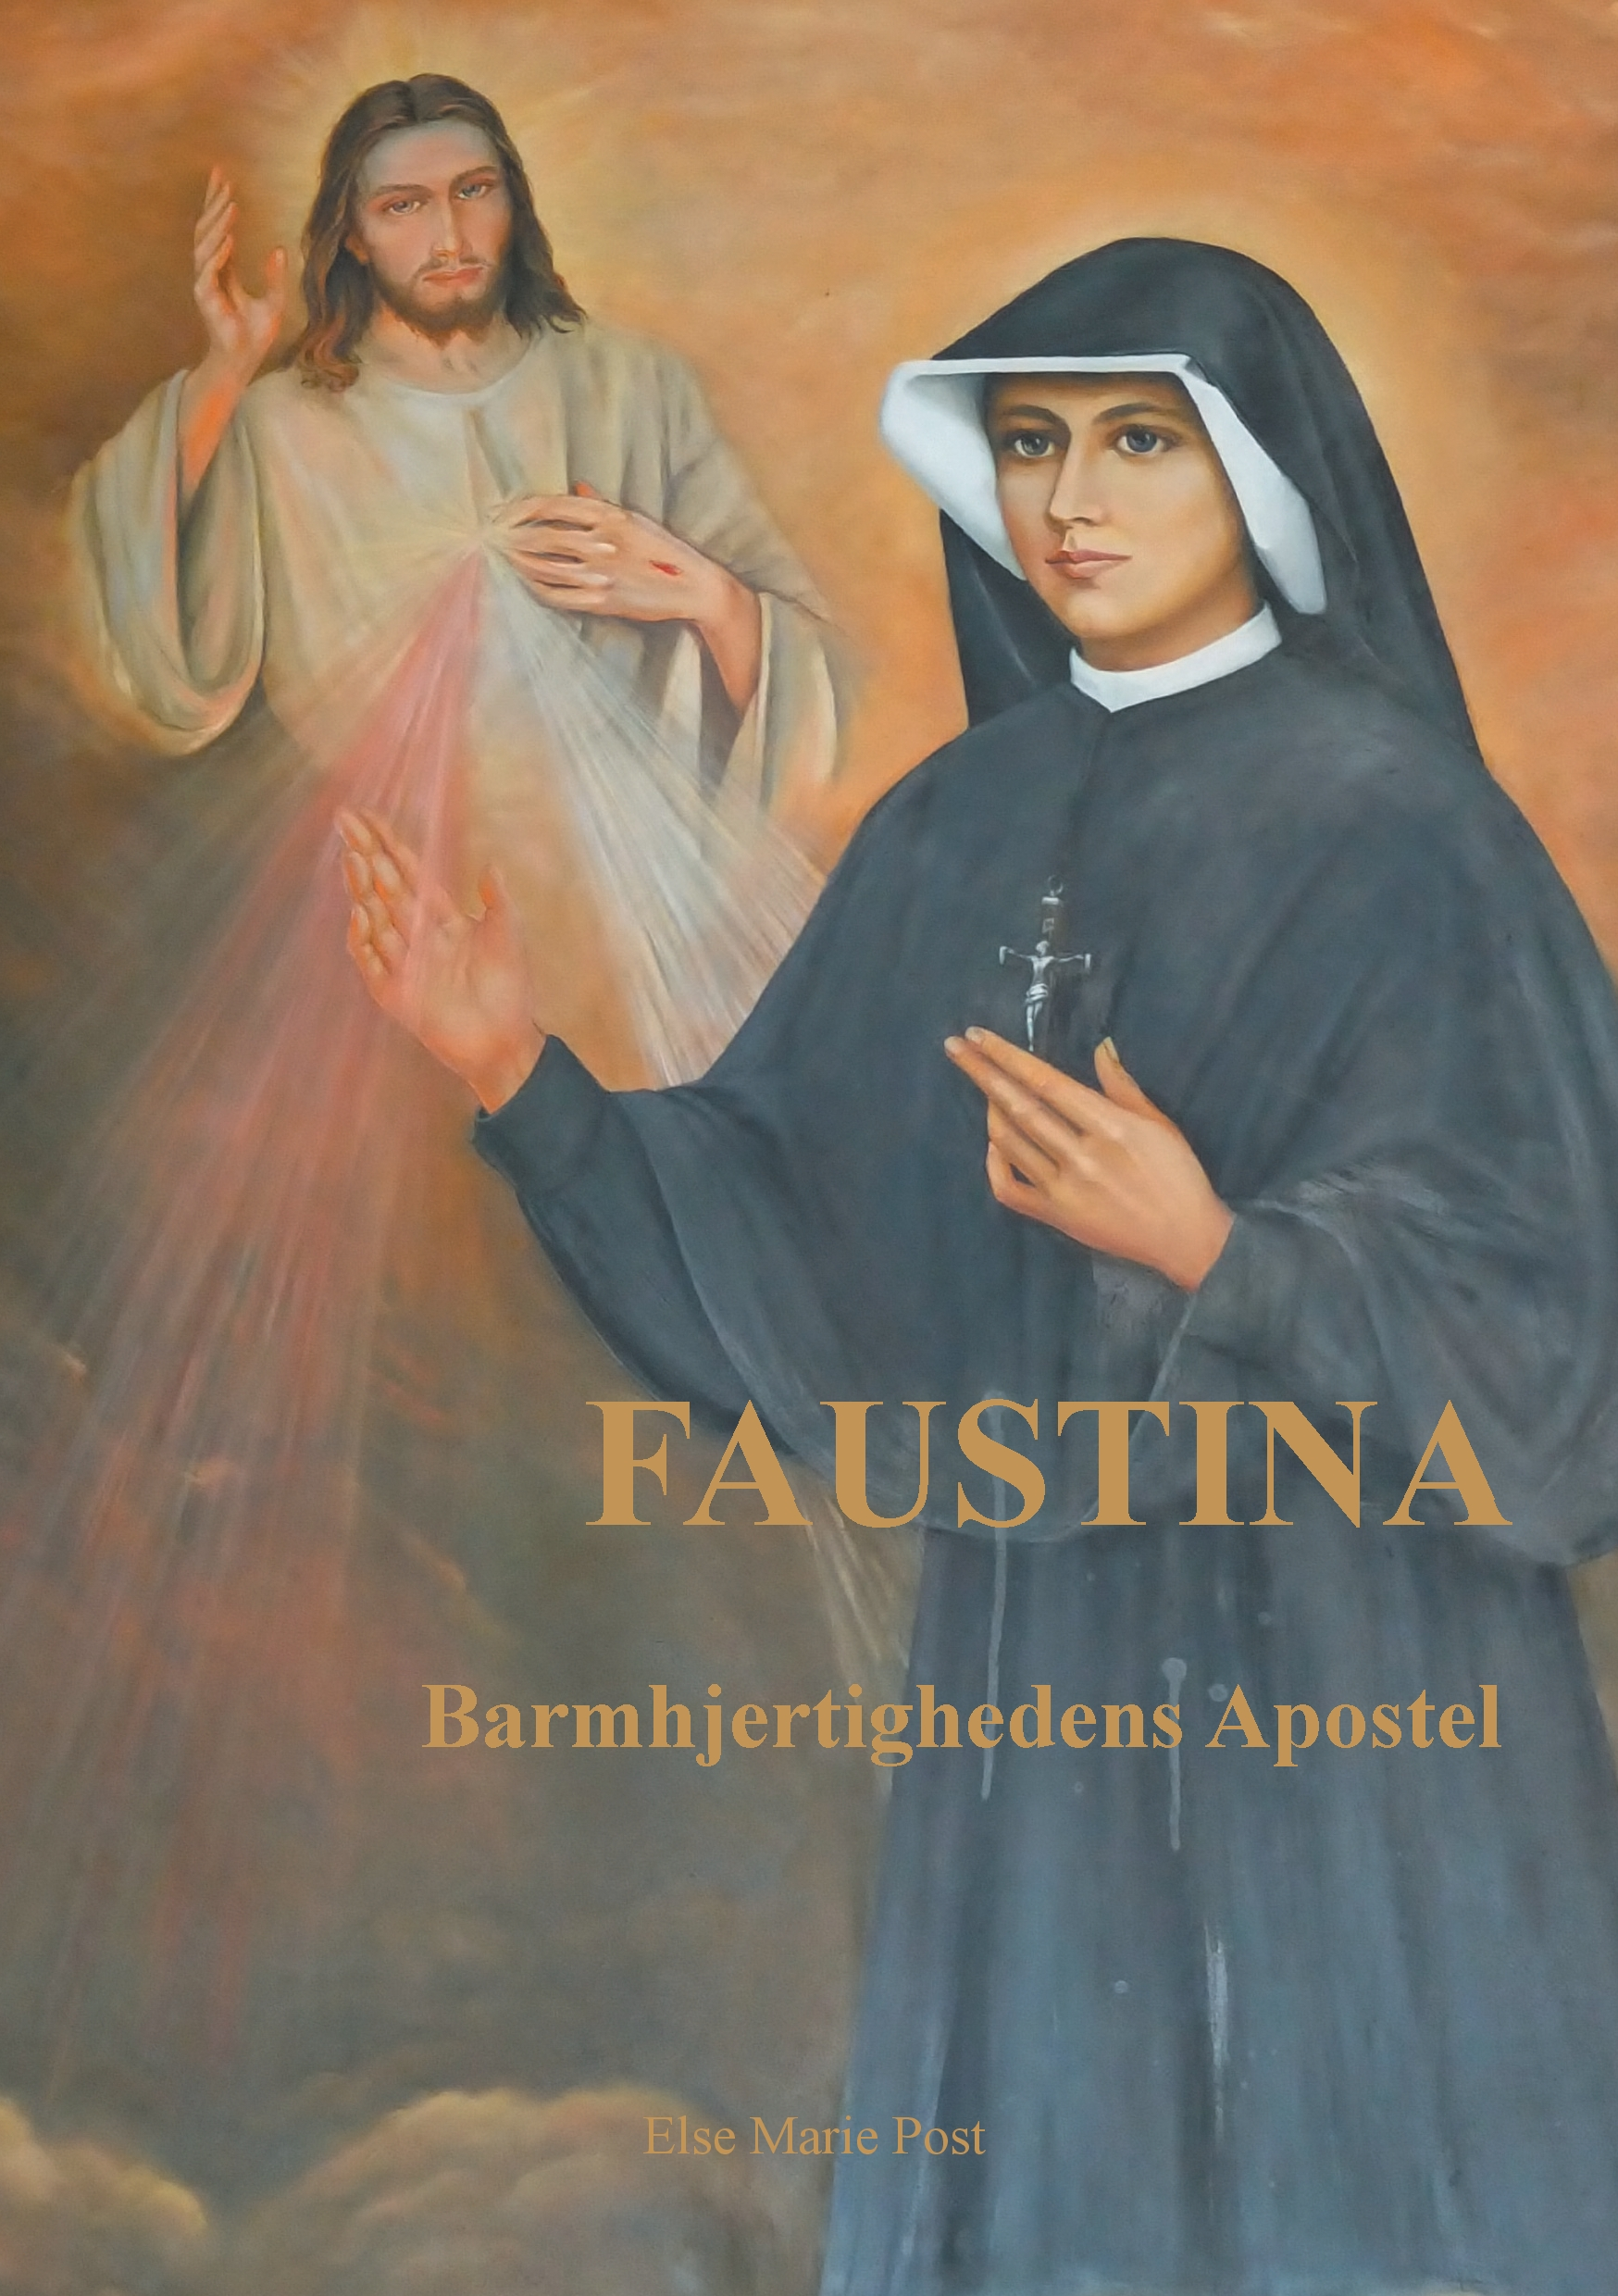 N/A Faustina - e-bog fra bog & mystik